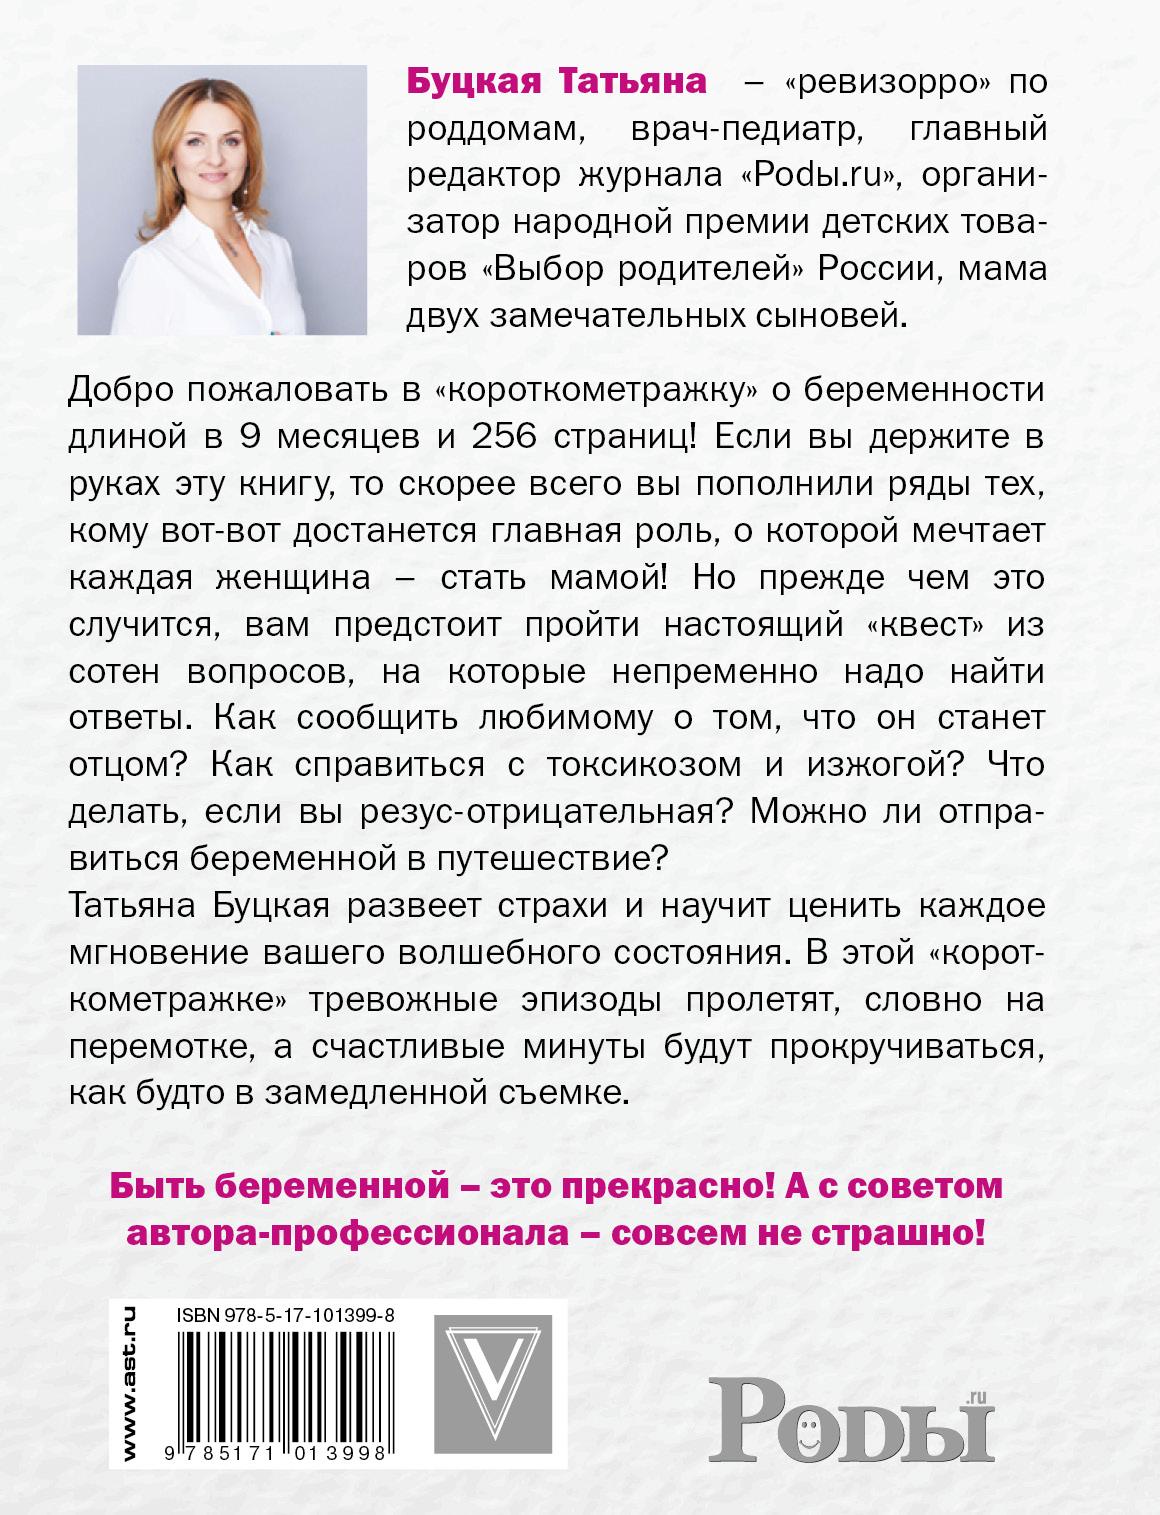 Татьяна Буцкая. #Беременность. Короткометражка длиной в 9 месяцев